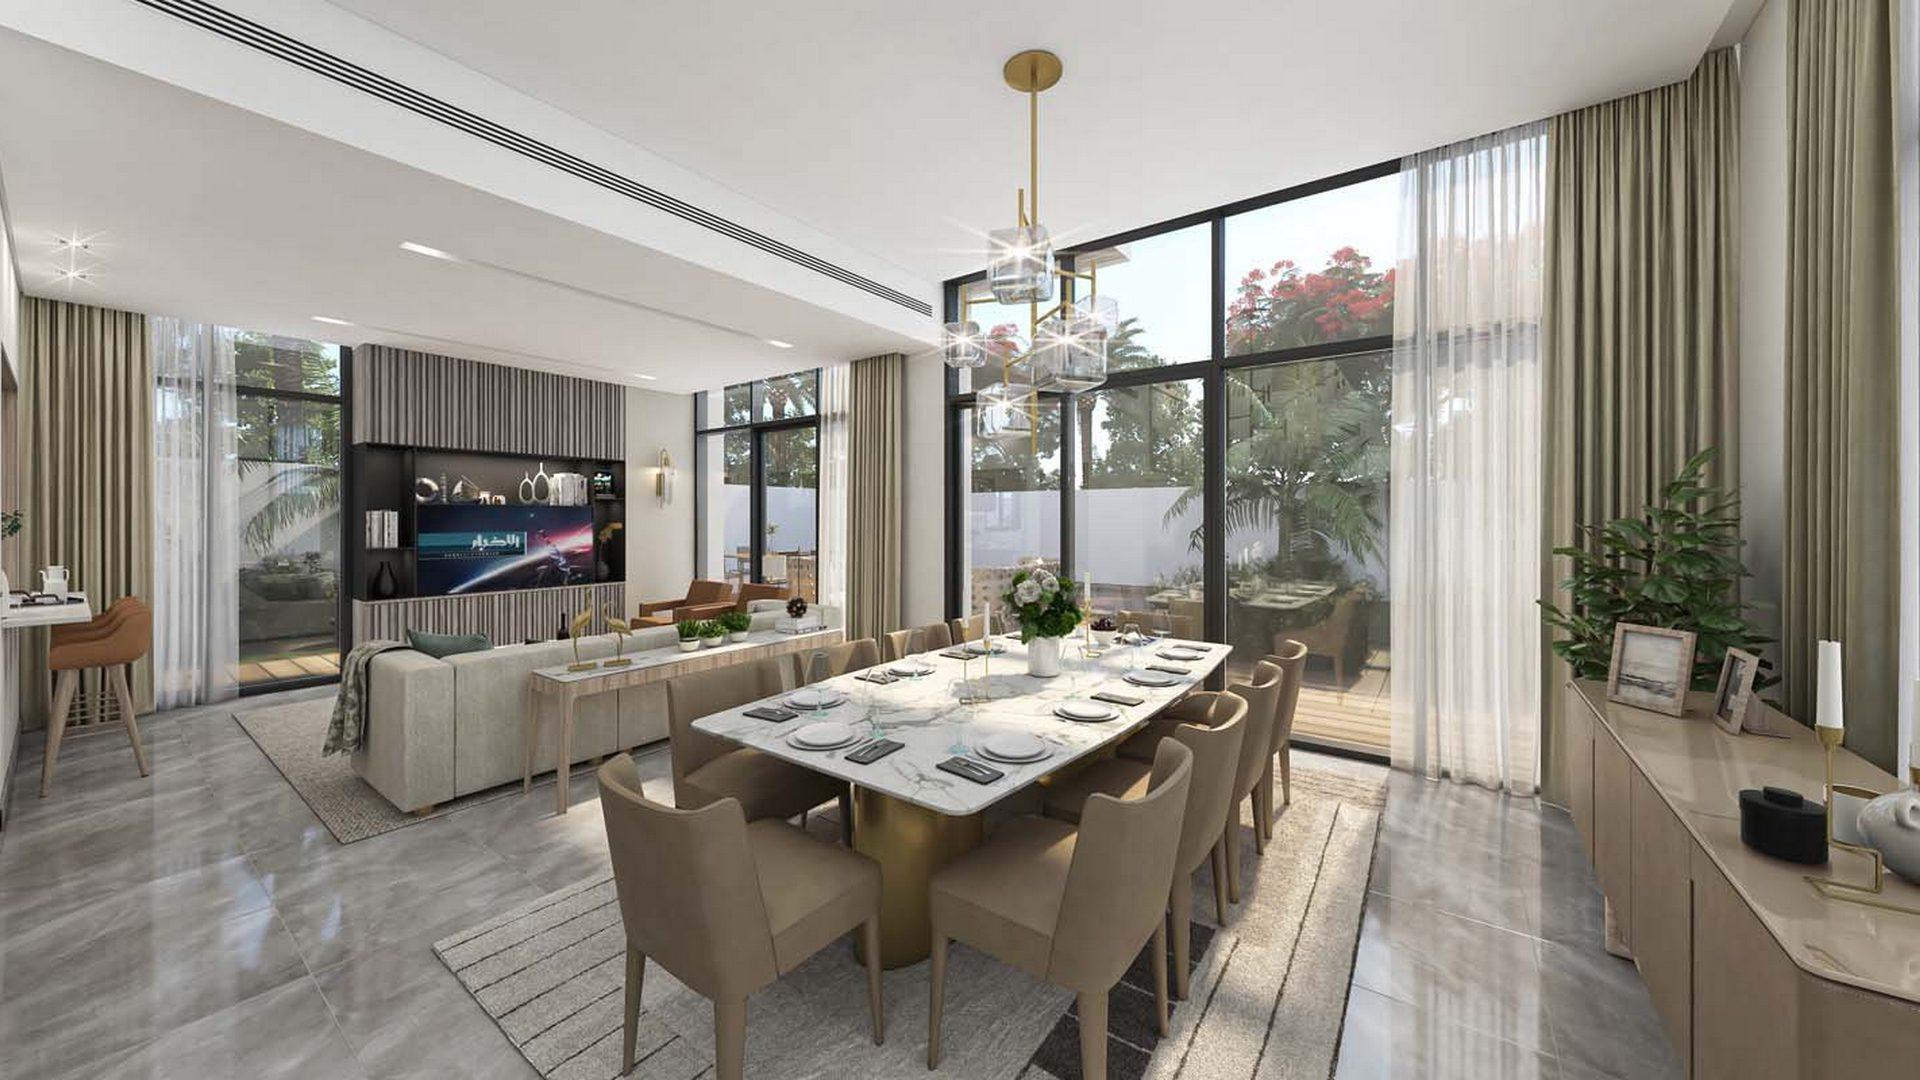 Adosado en venta en Dubai, EAU, 3 dormitorios, 224 m2, № 24533 – foto 6